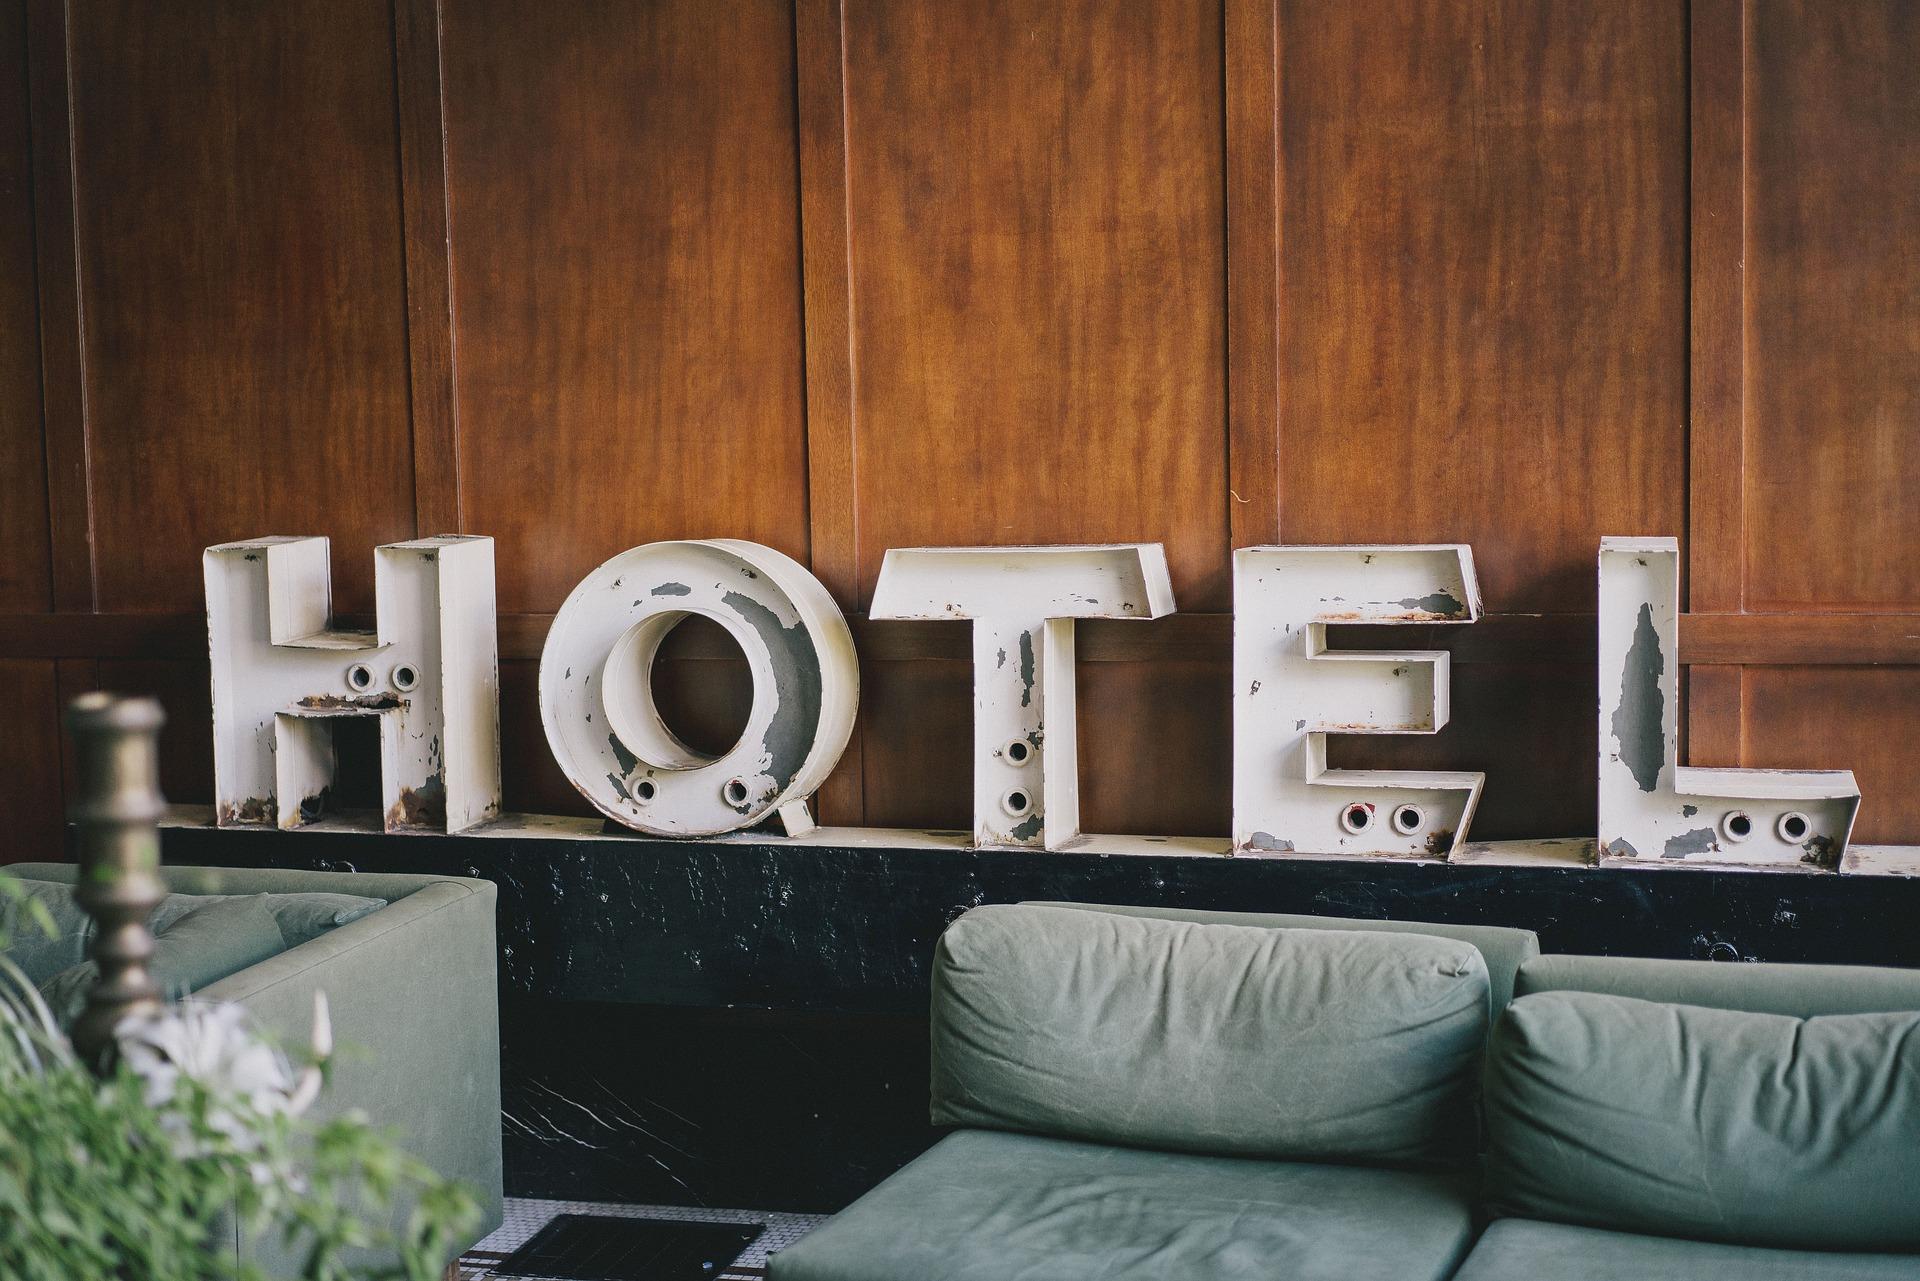 foto de letras que deletrean HOTEL